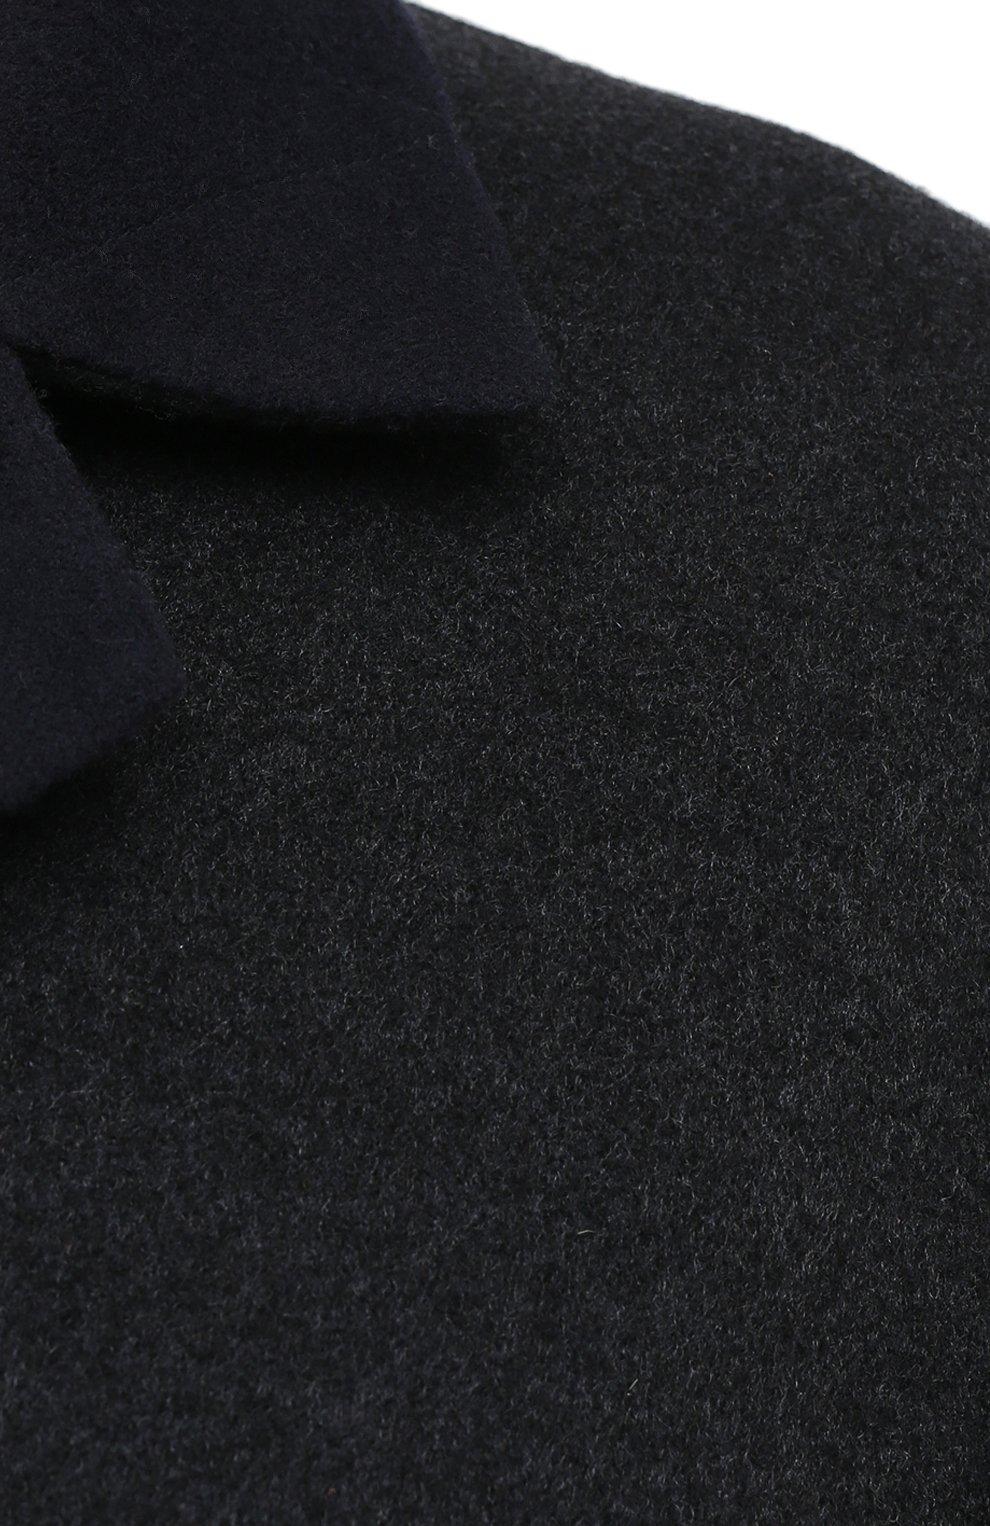 Мужской двустороннее кашемировое пальто BRUNELLO CUCINELLI темно-серого цвета, арт. ML4549947   Фото 6 (Материал внешний: Шерсть, Кашемир; Рукава: Длинные; Длина (верхняя одежда): До середины бедра; Мужское Кросс-КТ: Верхняя одежда, пальто-верхняя одежда; Стили: Кэжуэл; Статус проверки: Проверена категория)